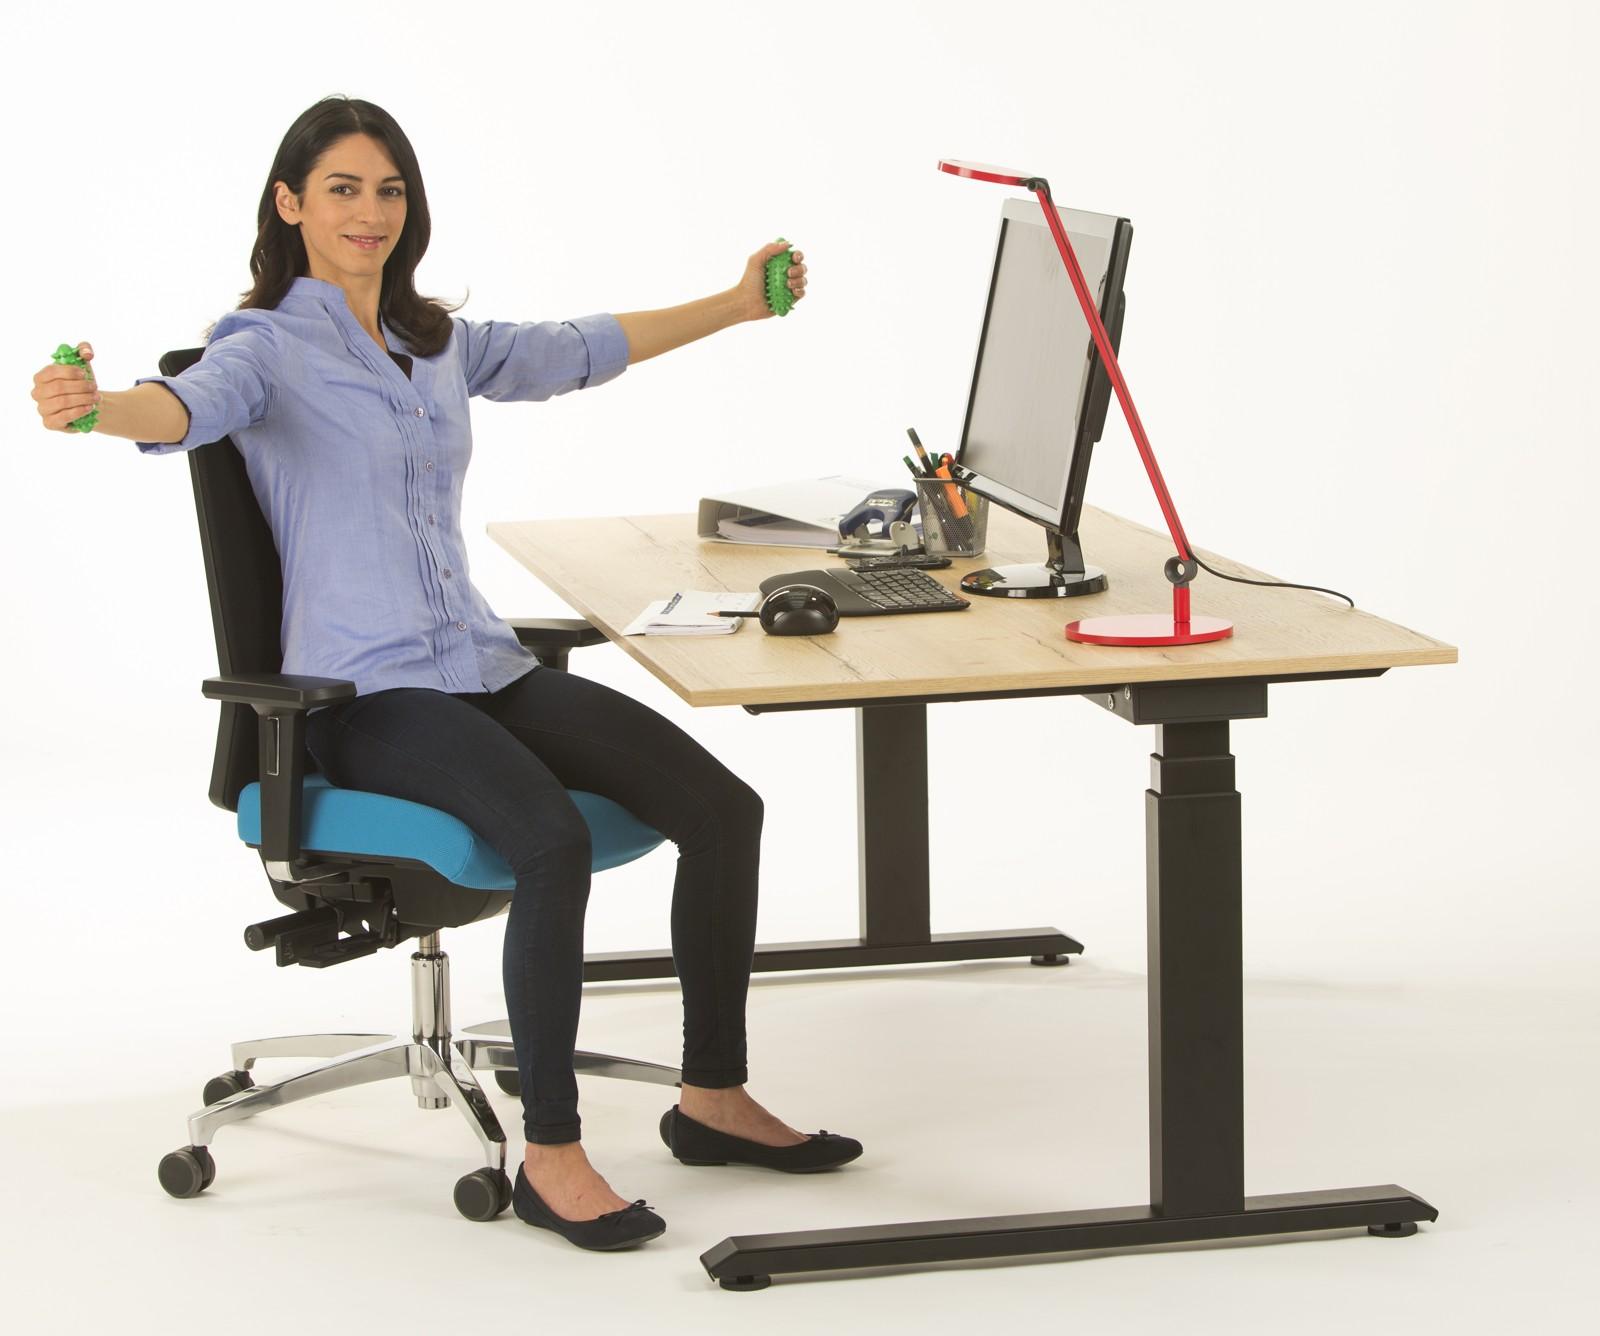 Checkliste für mehr Gesundheit im Büro - 10 Tipps